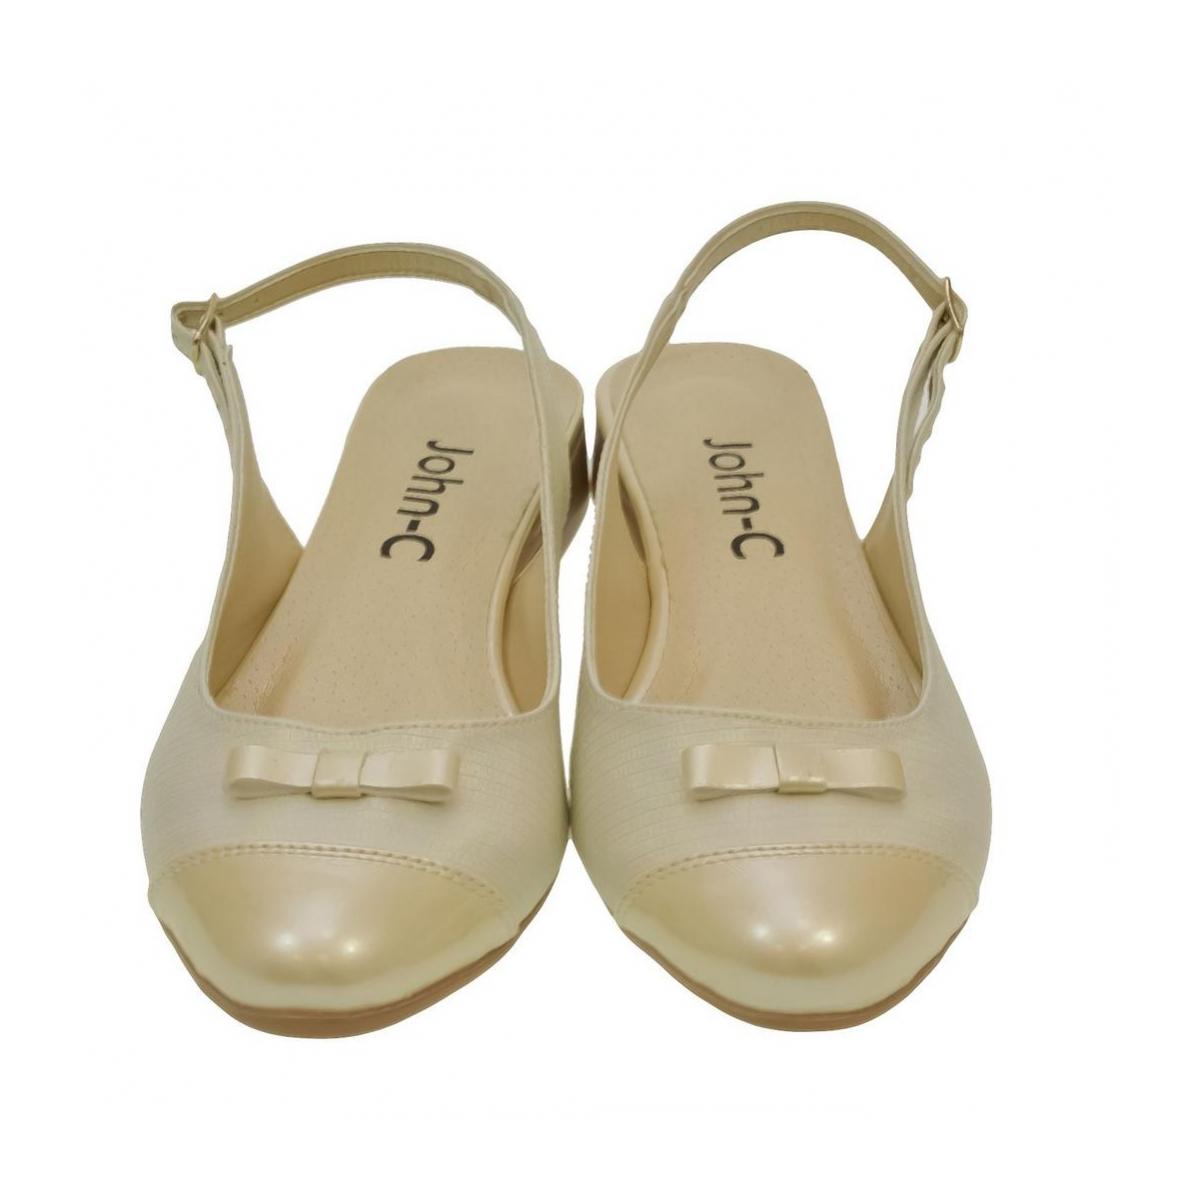 029330f01a12 Dámske zlato-béžové sandále EVELINE - 2